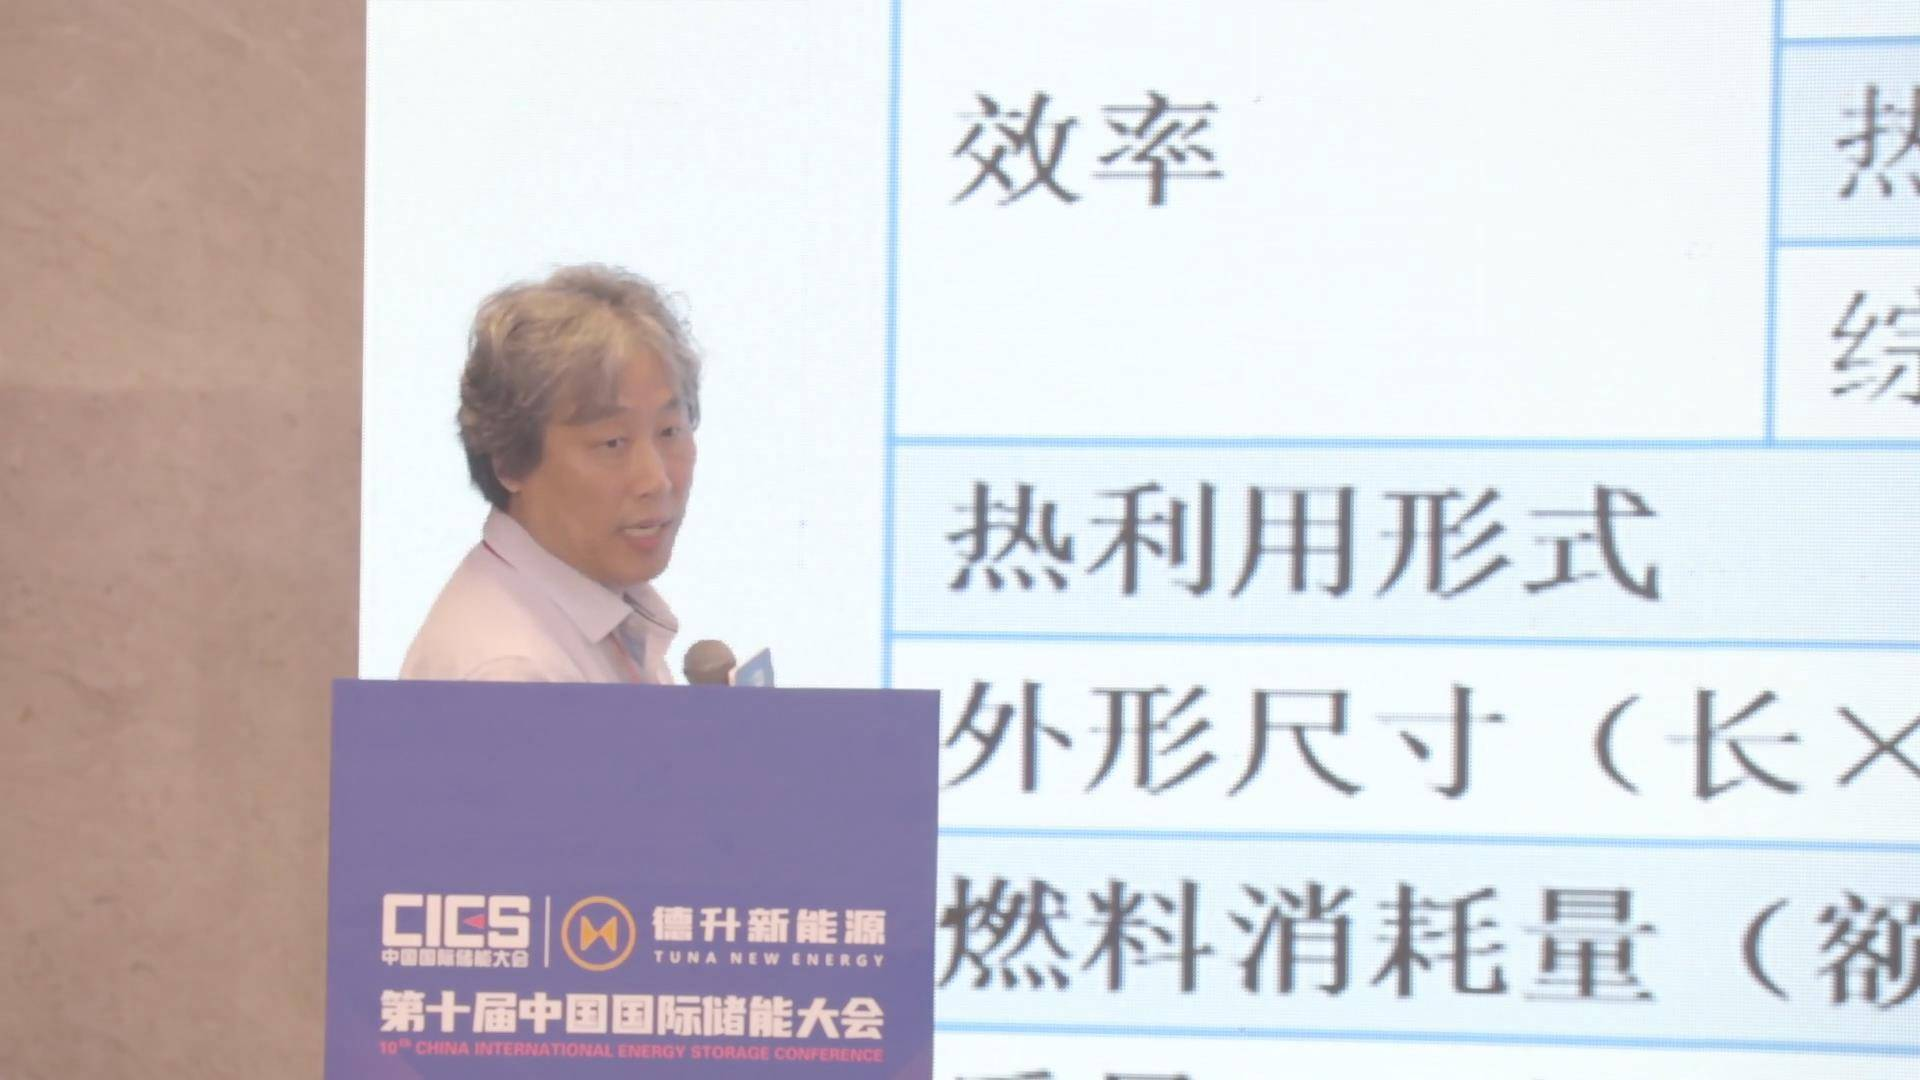 燃料电池分布式能源的适应性和应用前景分析[上海舜华新能源公司 姚才华]